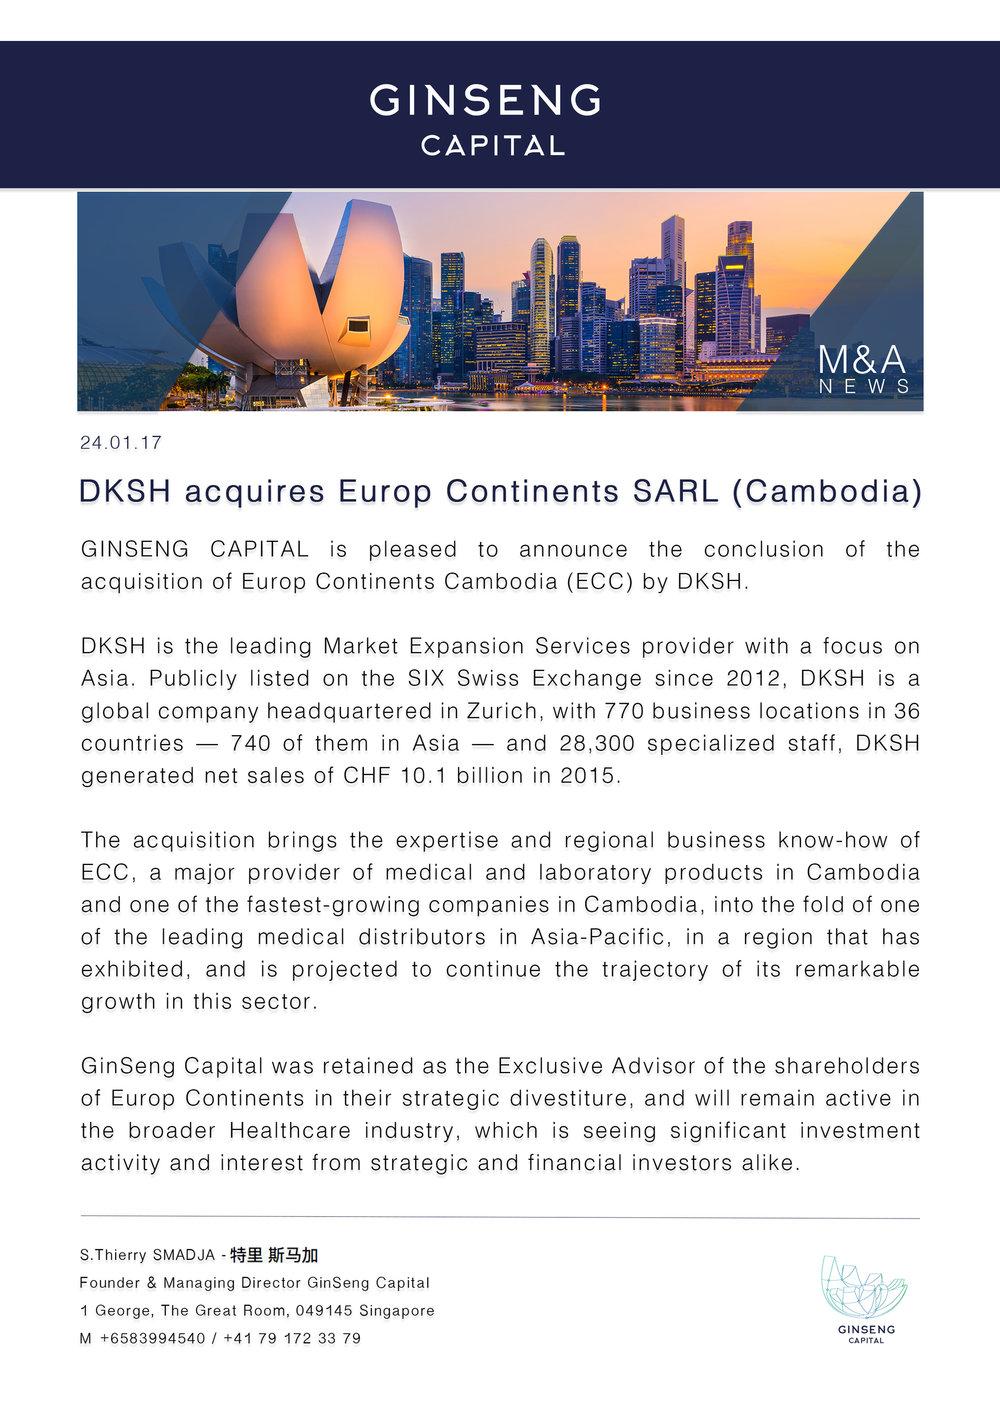 DKSH acquires Europ Continents SARL